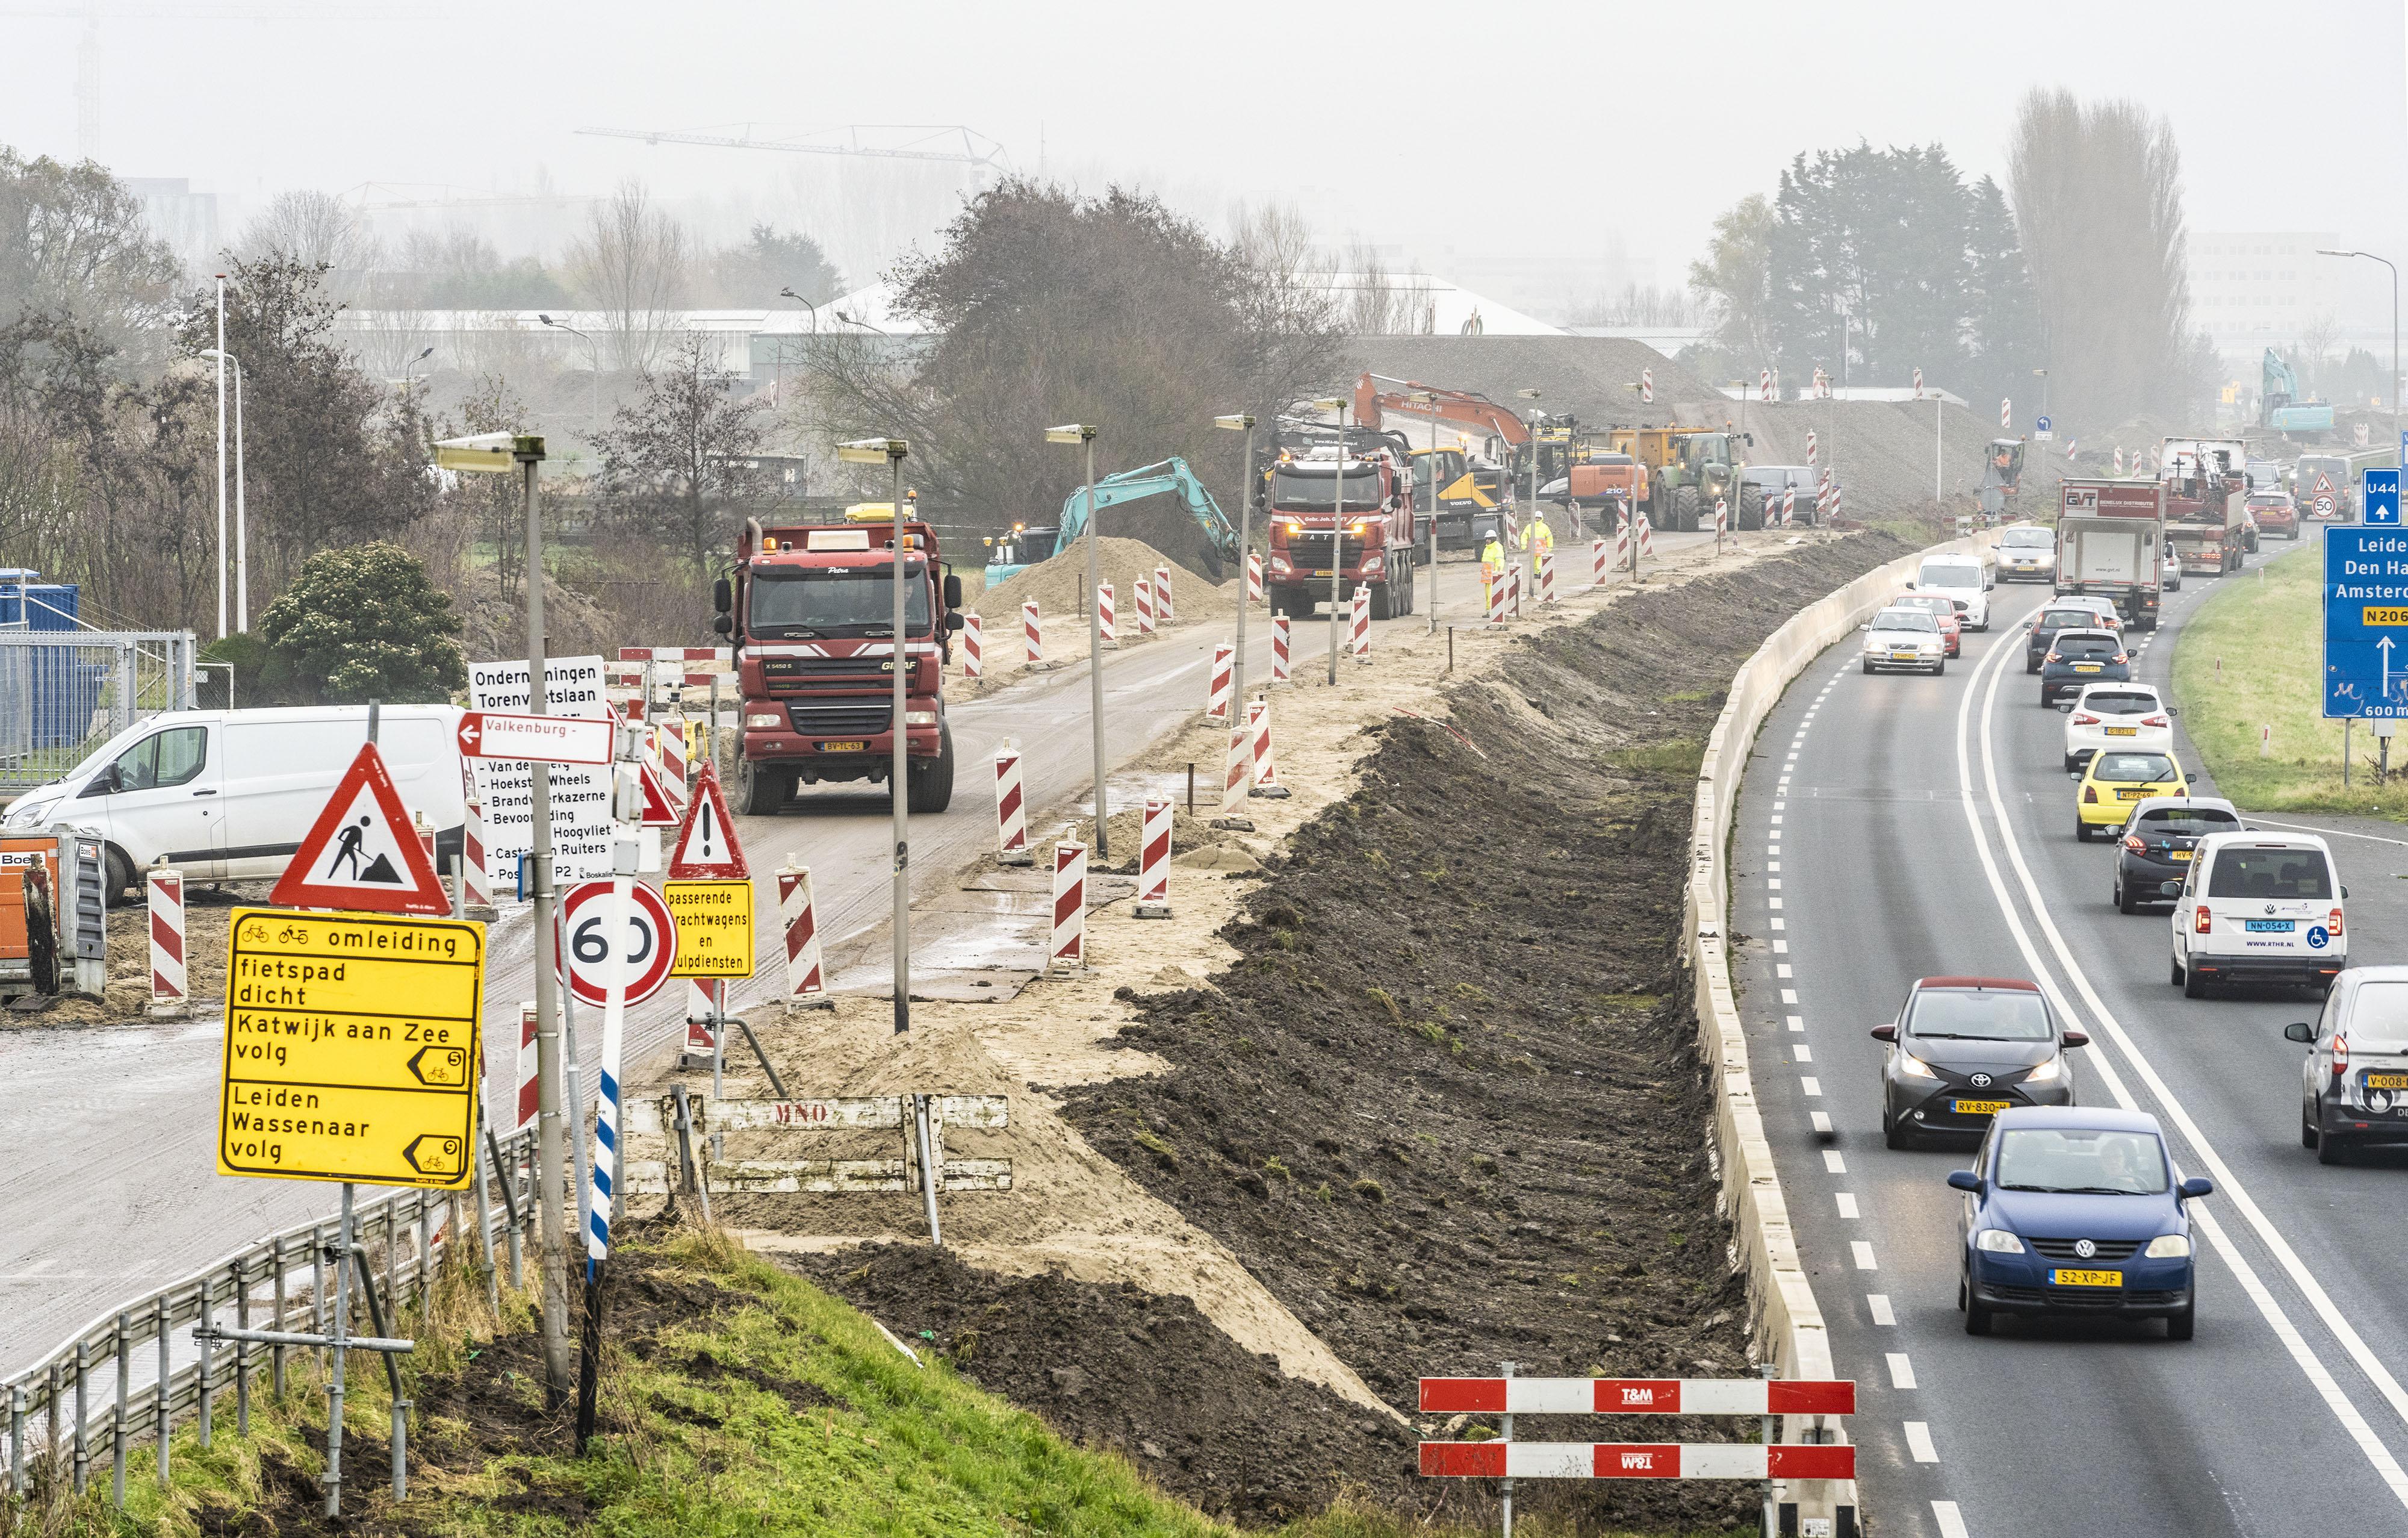 Omgevingsdienst gaat Beaumix verder onderzoeken op verzoek van gemeente Katwijk